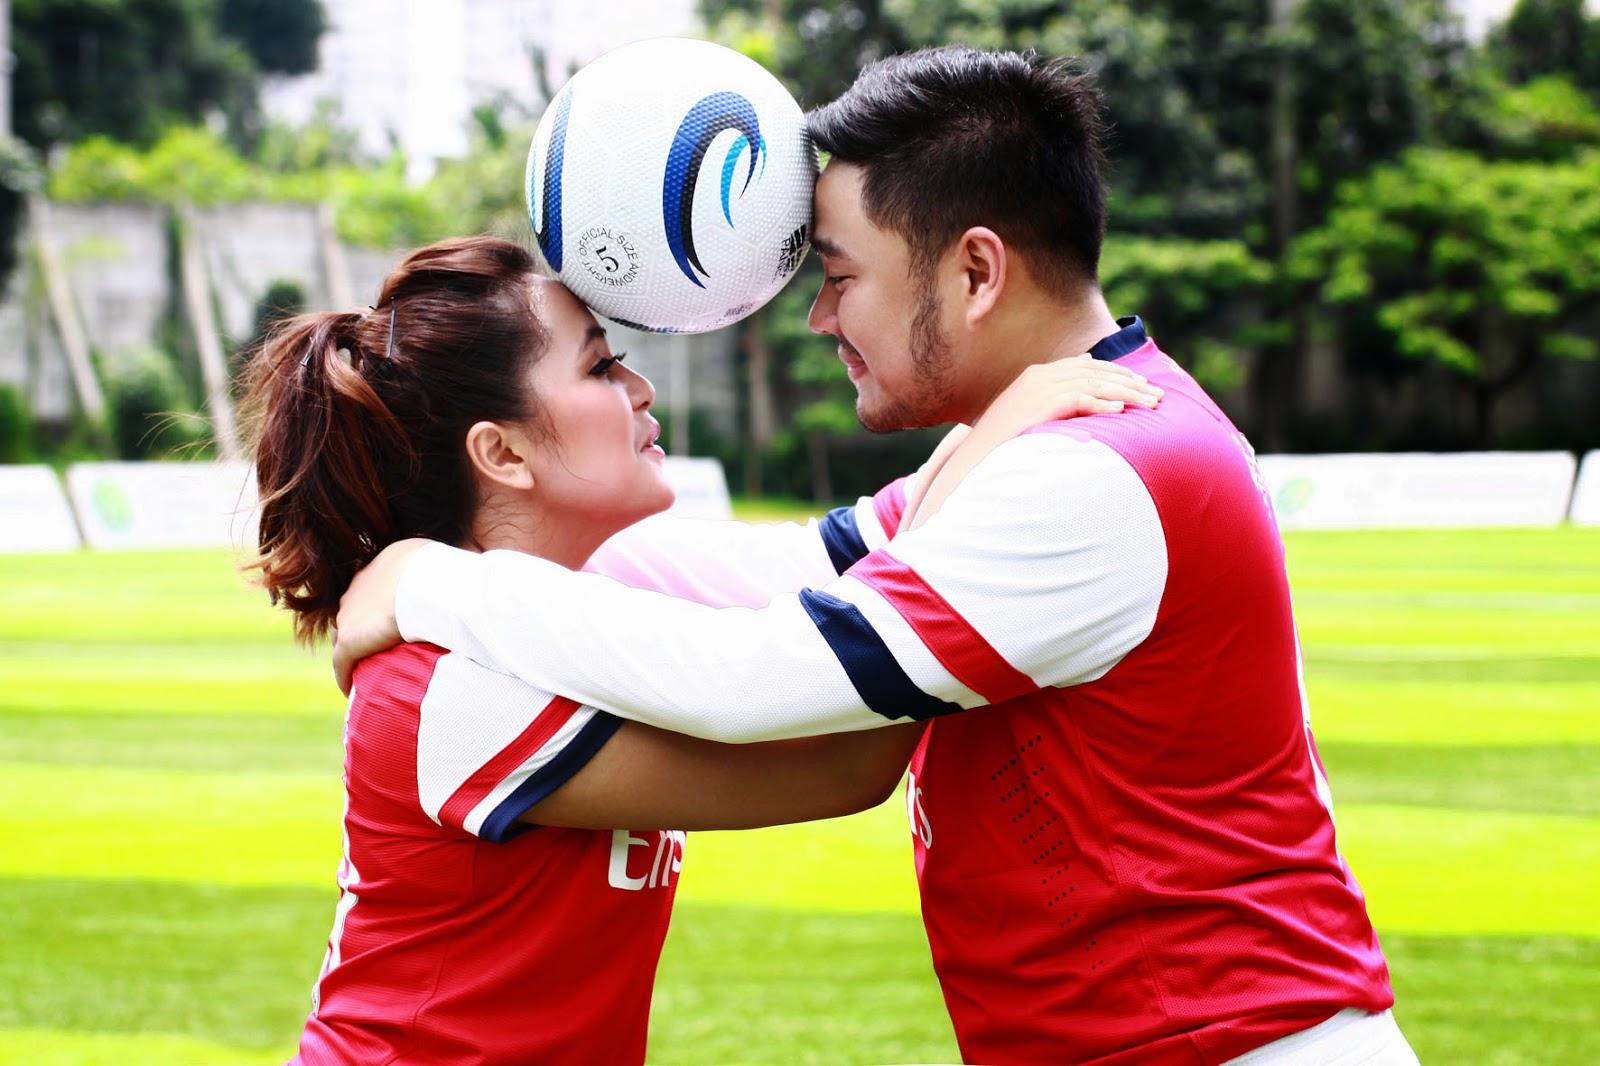 20 Foto Inspirasi Pre Wedding Bertema Sepak Bola Unik Dan Romantis